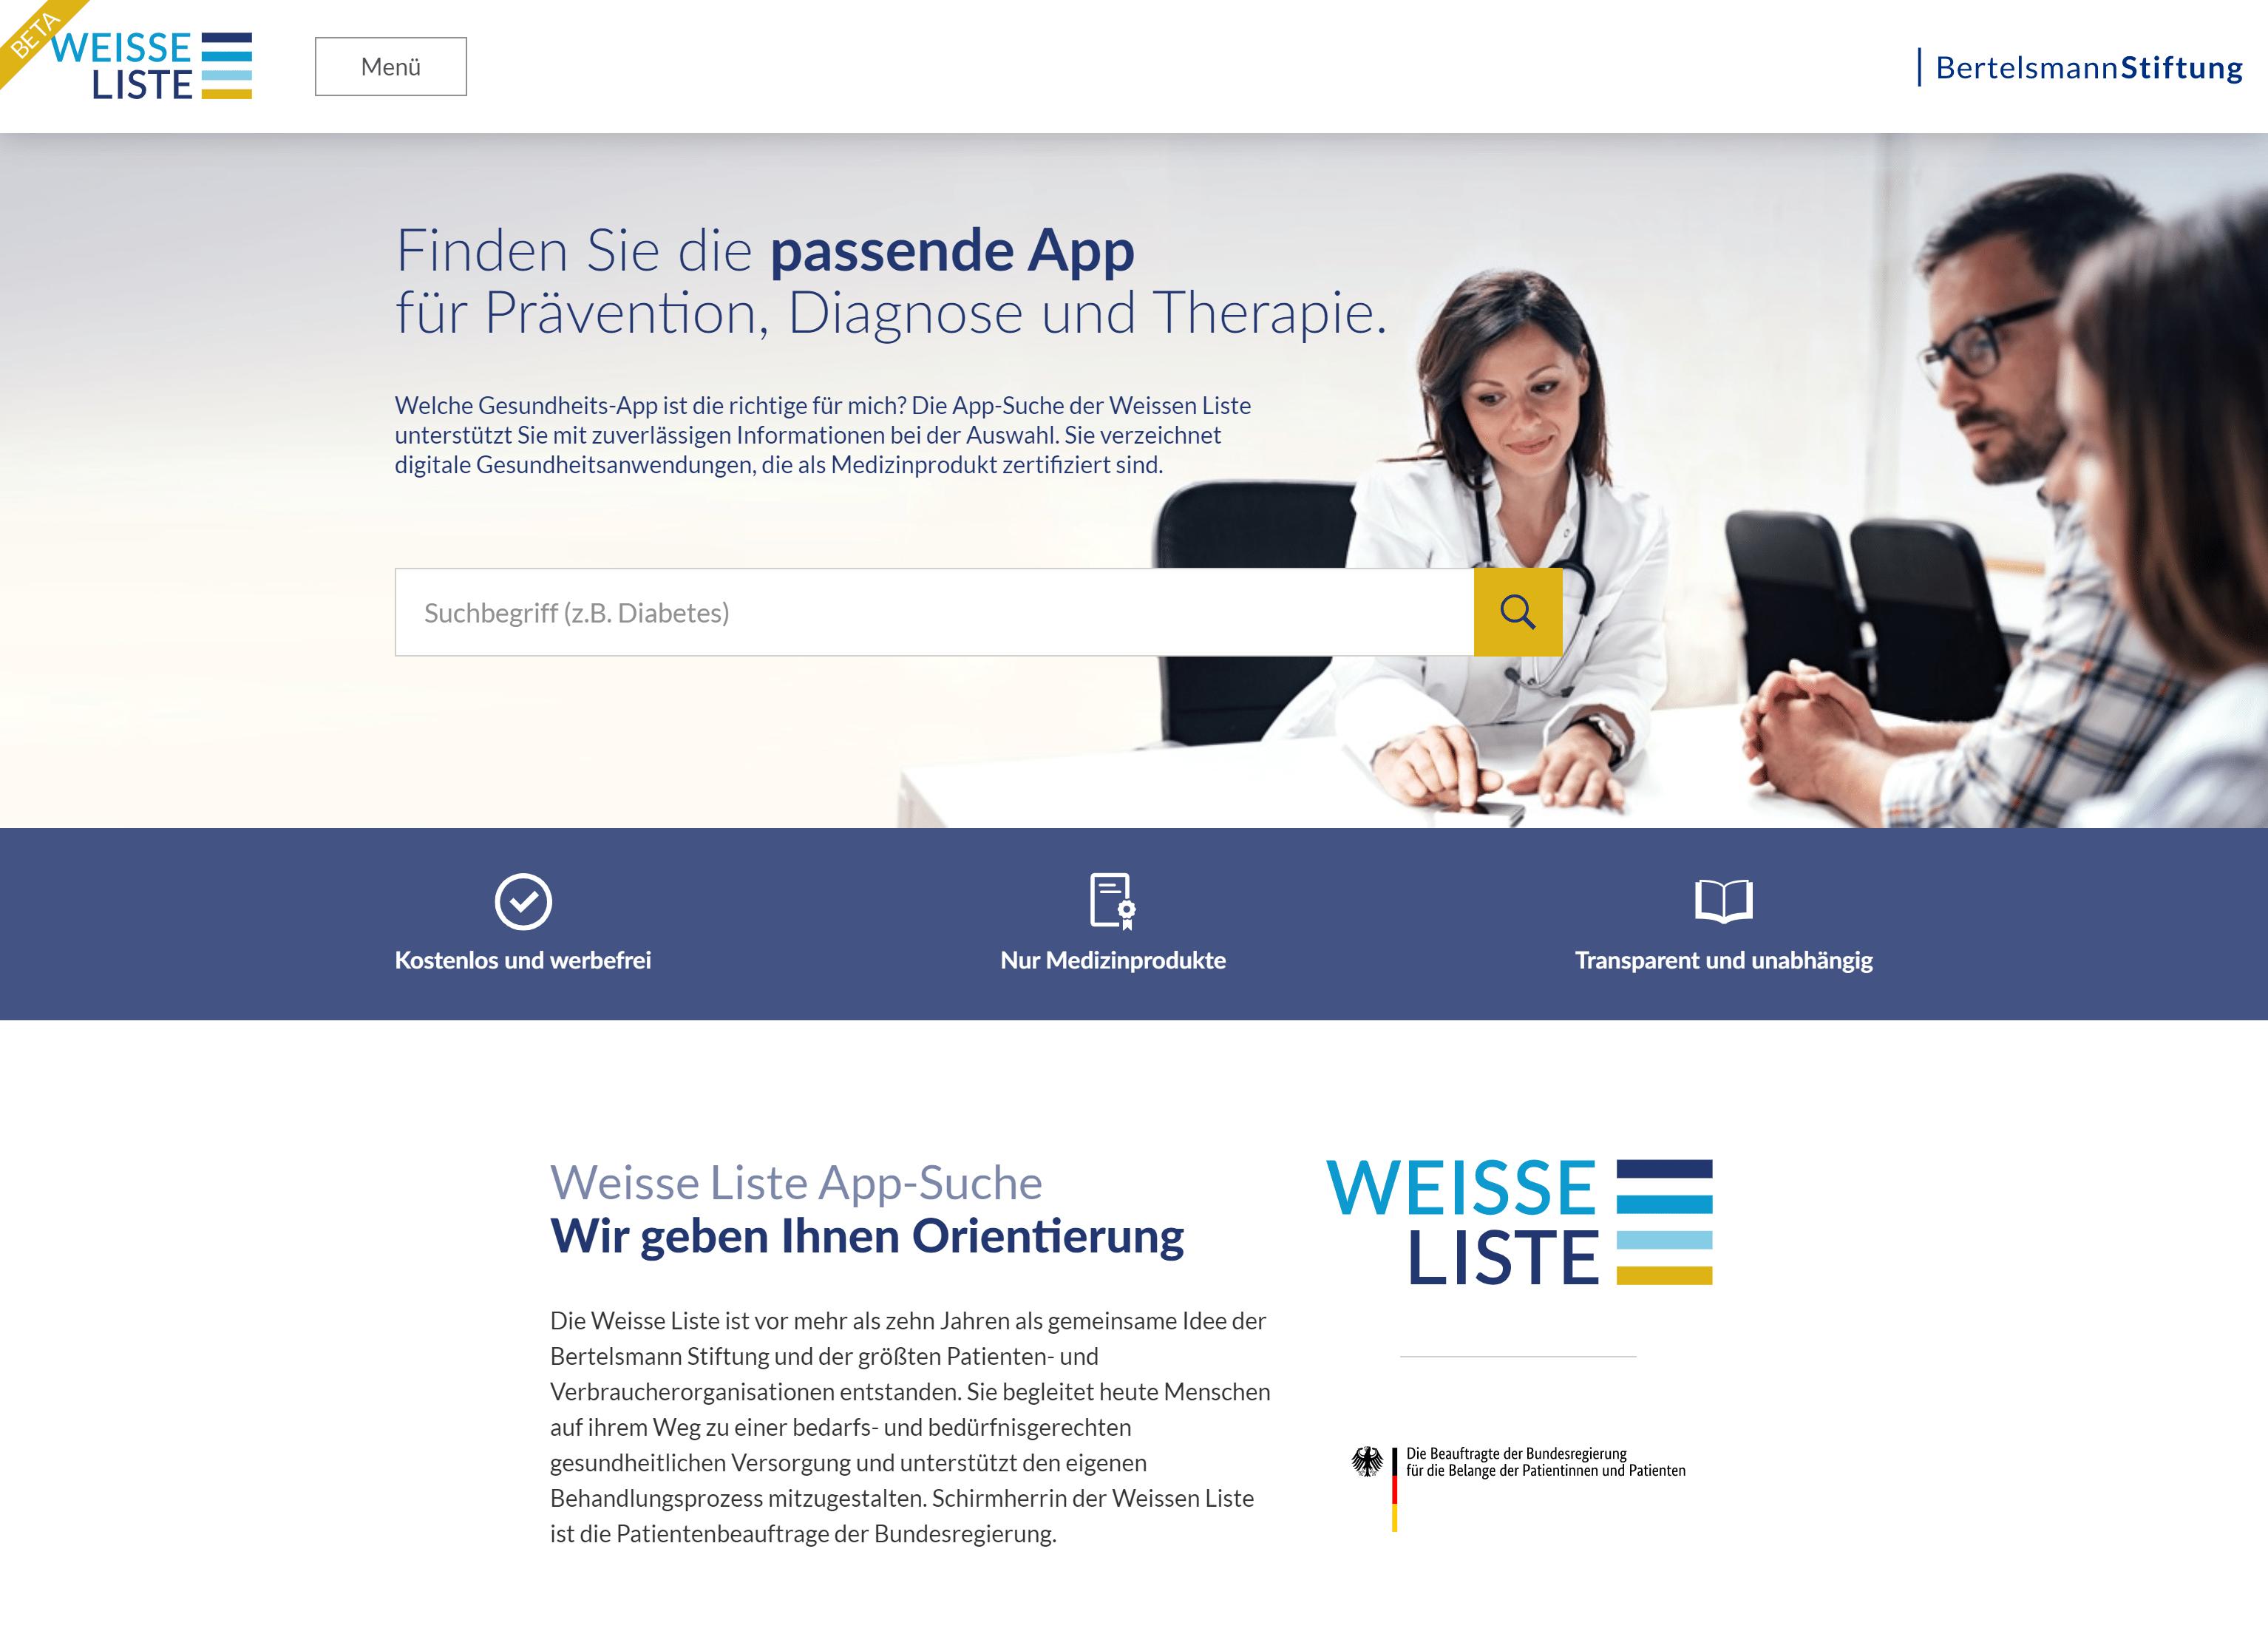 Weisse Liste App-Suche